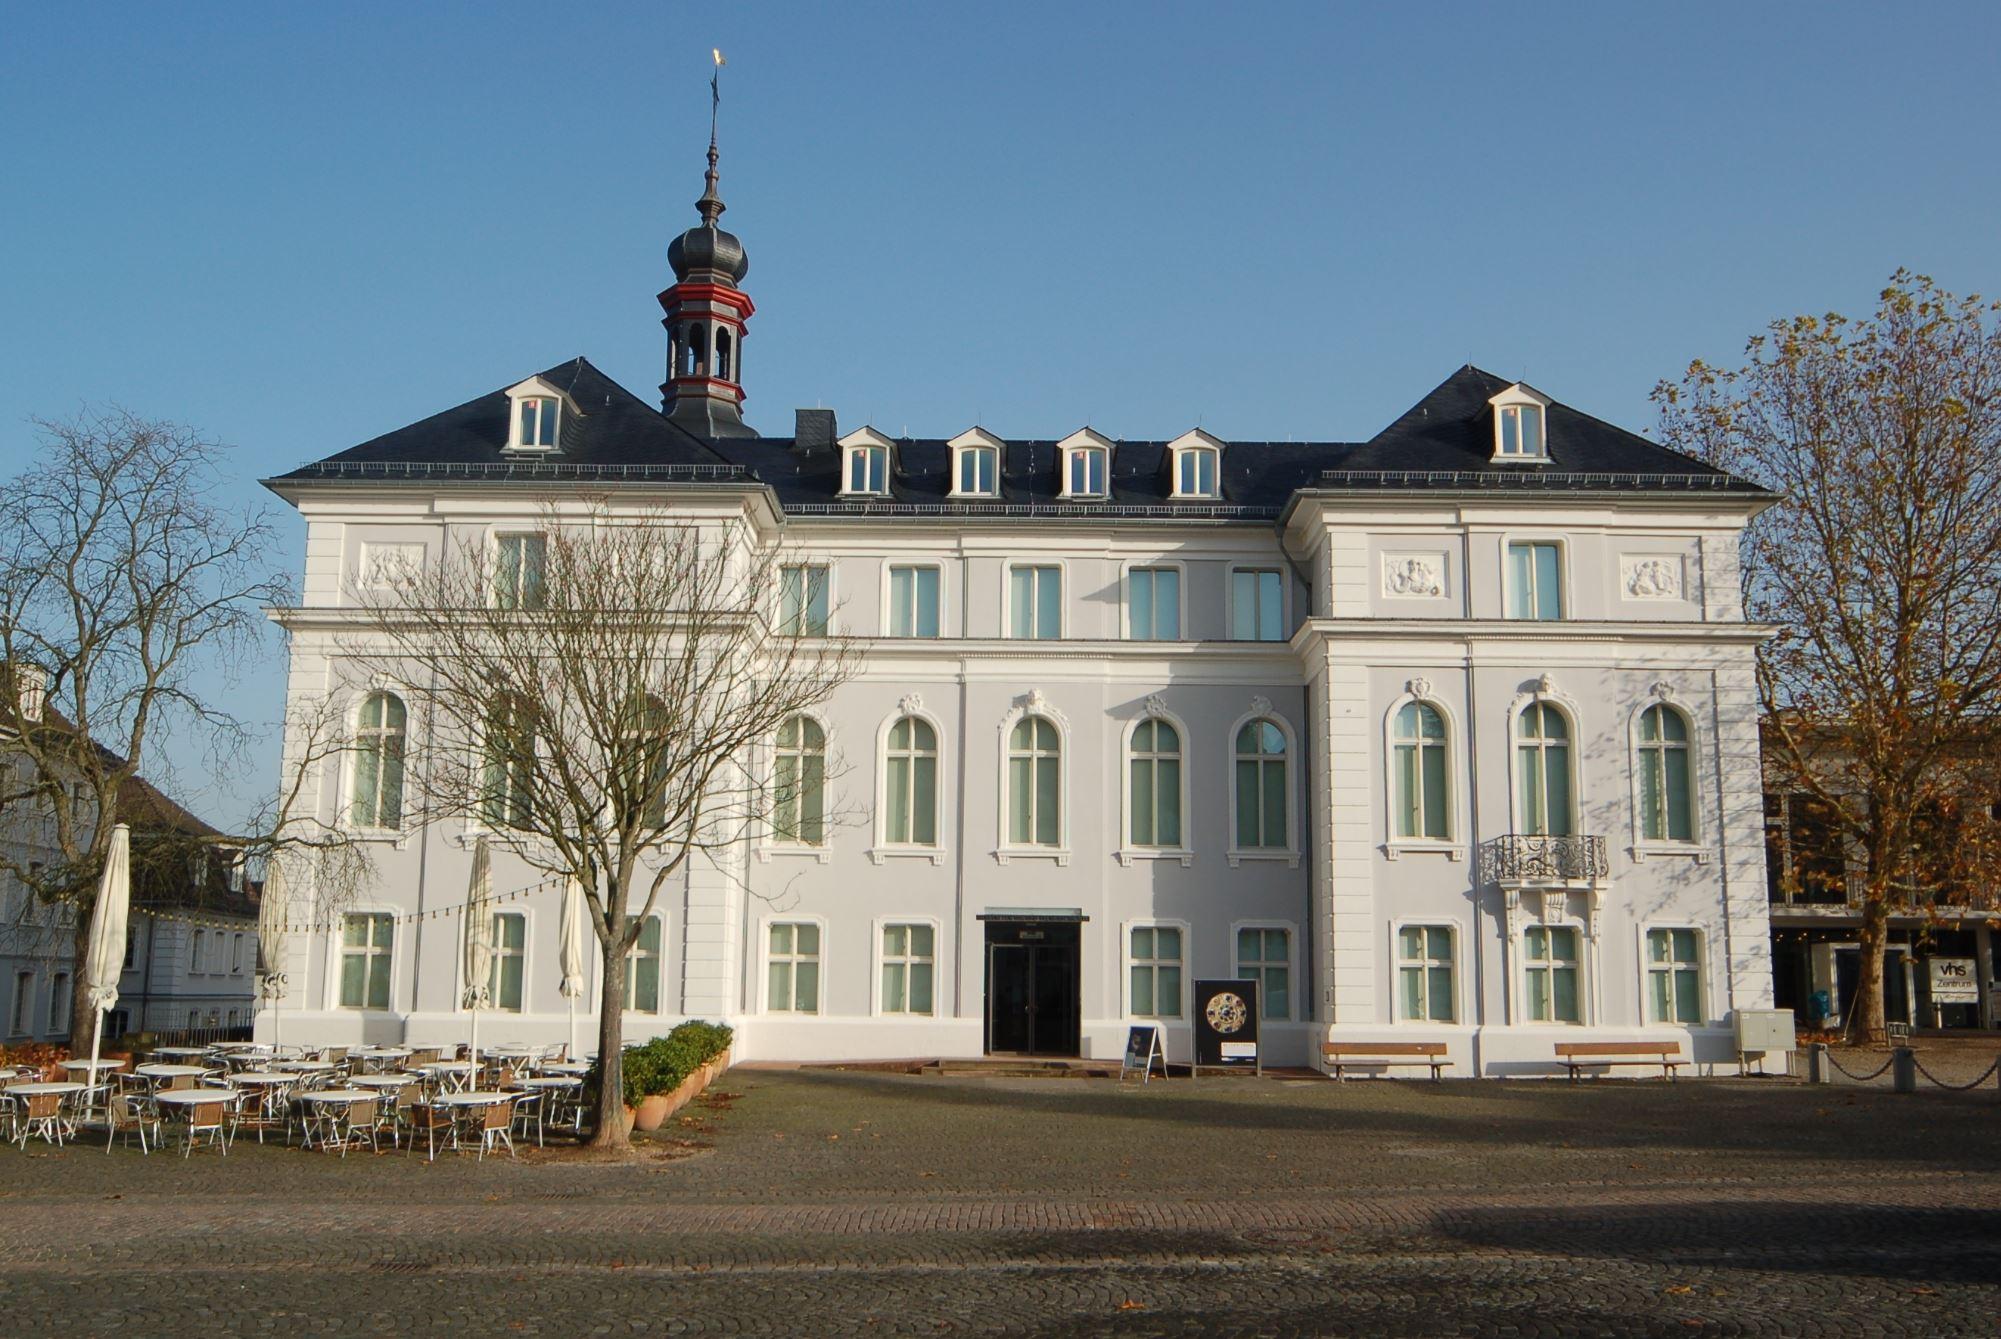 Kreisständehaus Museum für Vor- und Frühgeschichte Schlossplatz Saarbrücken Janek Pfeufer Architektur Gerd Marx